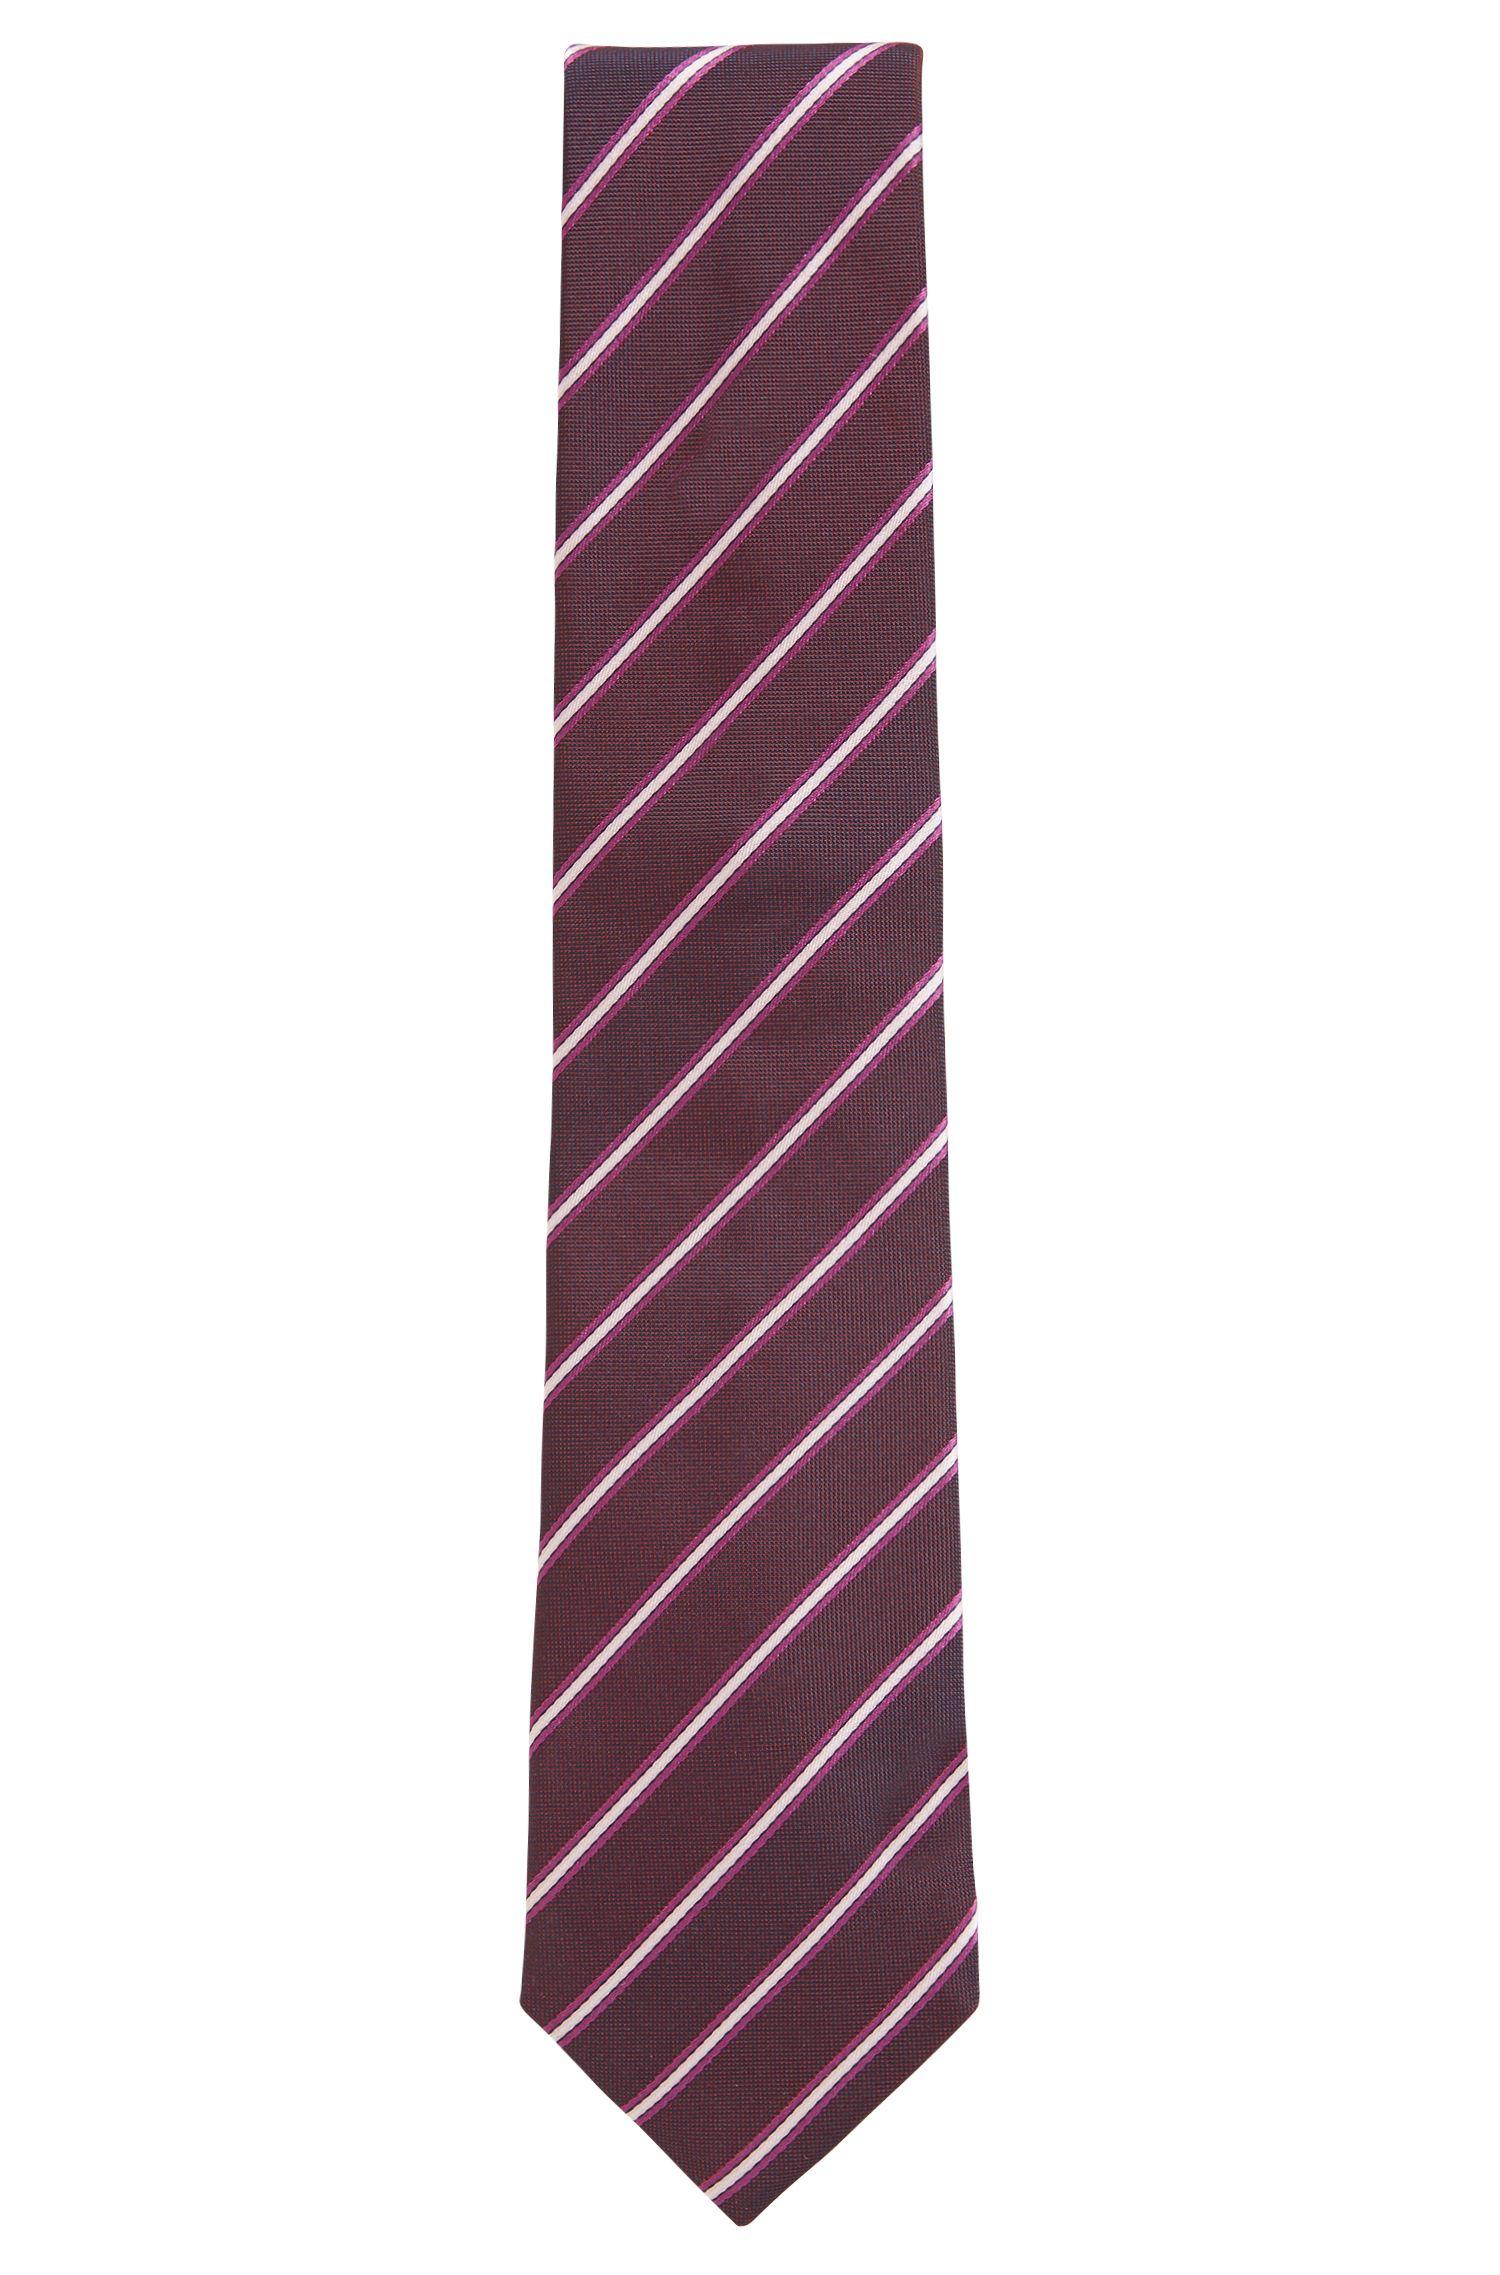 Cravate en jacquard de soie à rayures confectionnée en Italie, Rouge